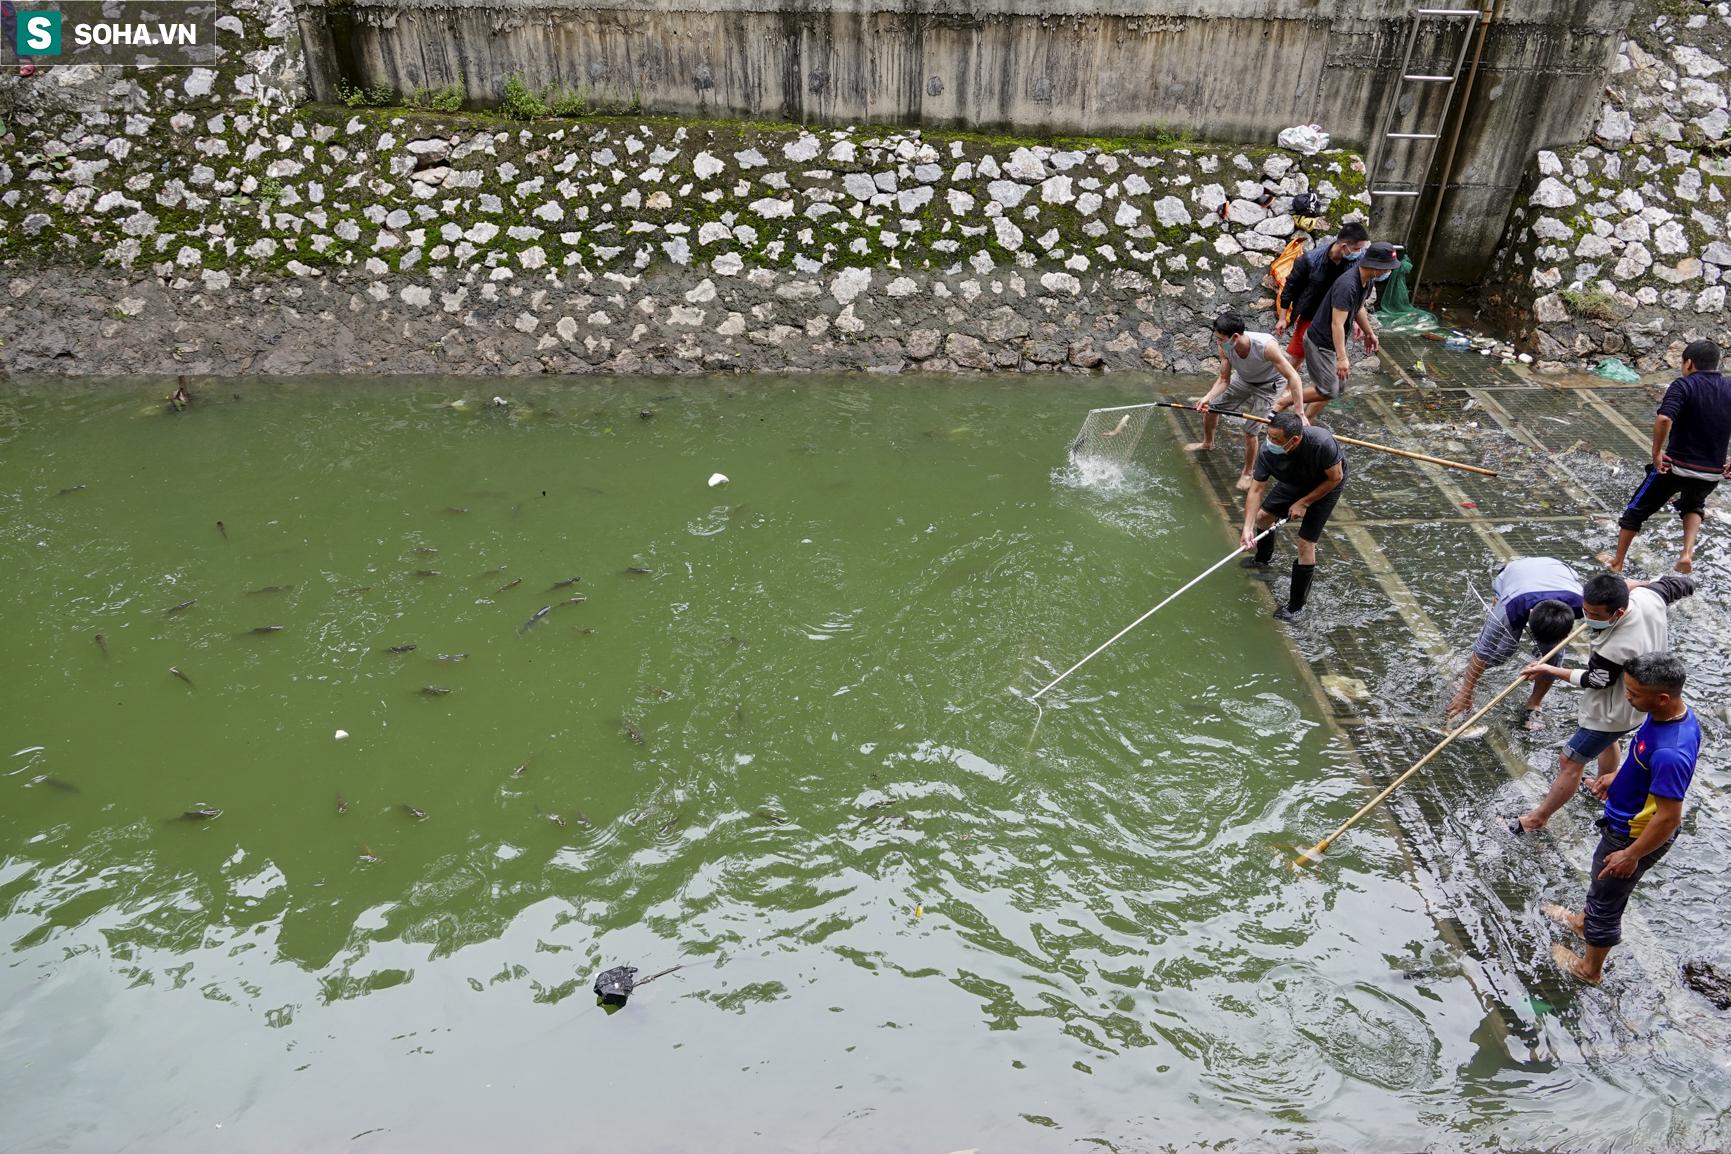 Nước sông Tô Lịch bỗng chuyển màu xanh ngắt hiếm thấy, người dân hân hoan bắt hàng tạ cá - Ảnh 7.